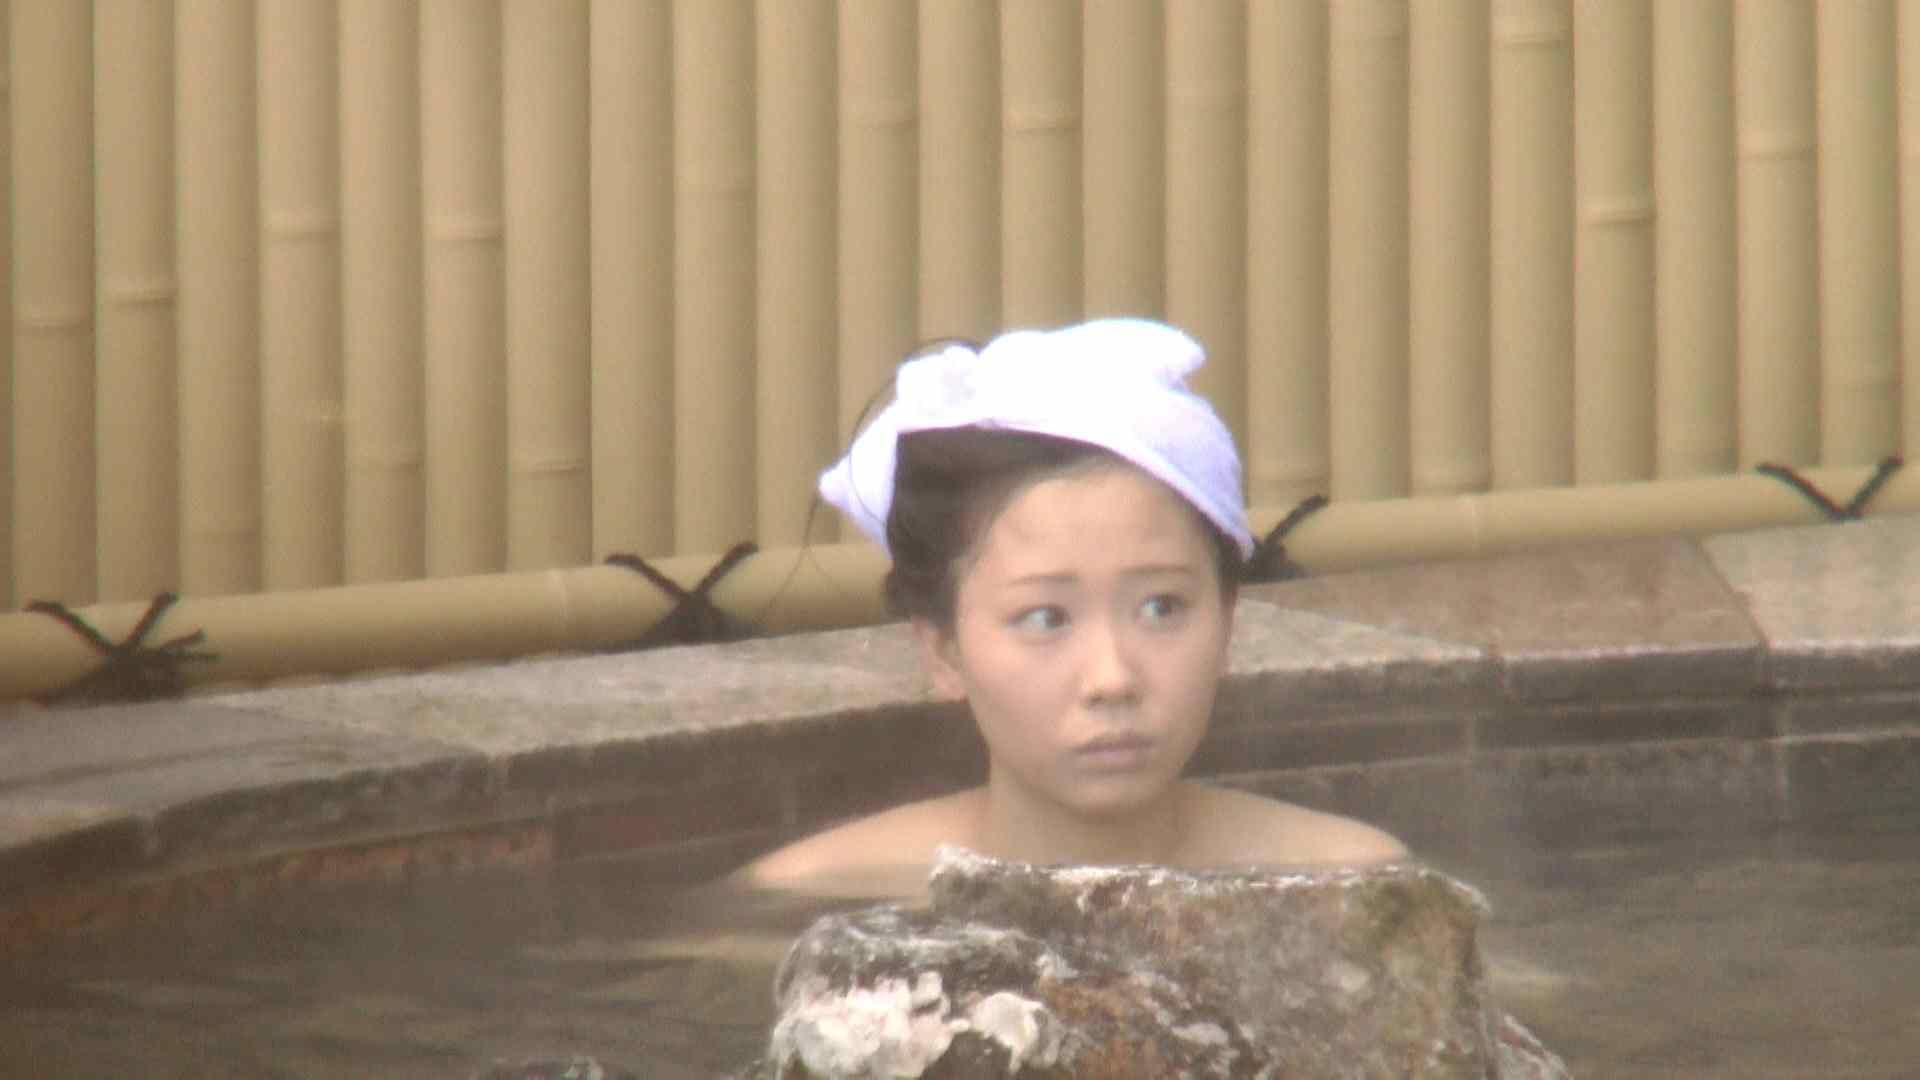 Aquaな露天風呂Vol.211 盗撮 オメコ動画キャプチャ 91連発 11